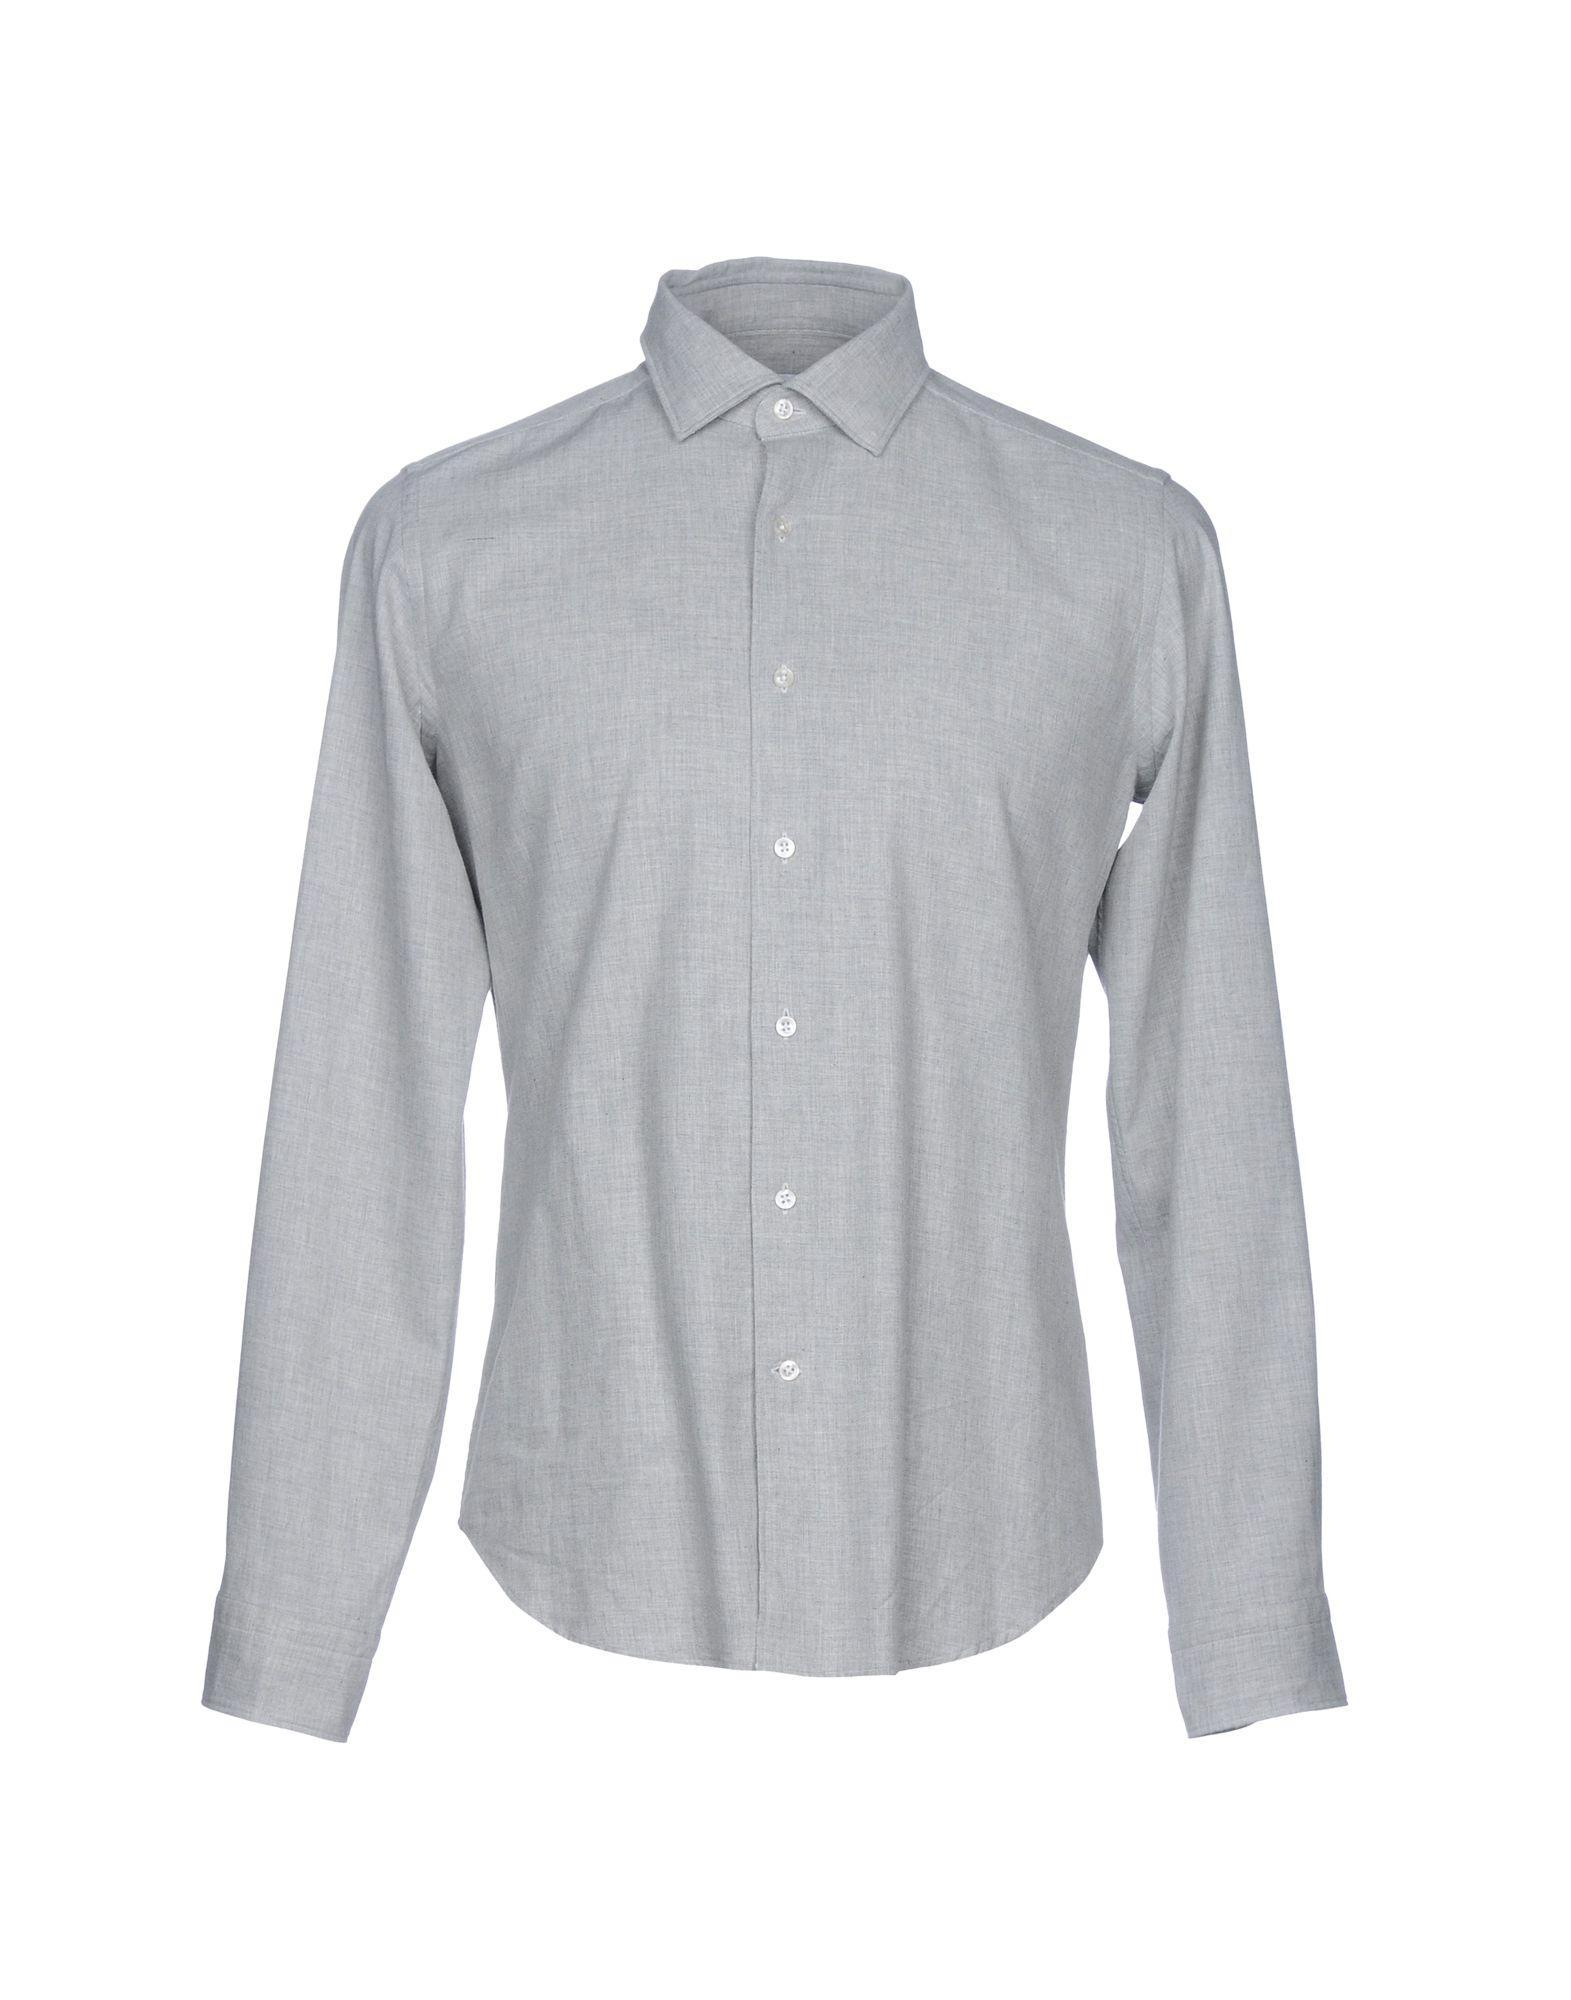 《送料無料》MASTAI FERRETTI メンズ シャツ ライトグレー 43 コットン 100%